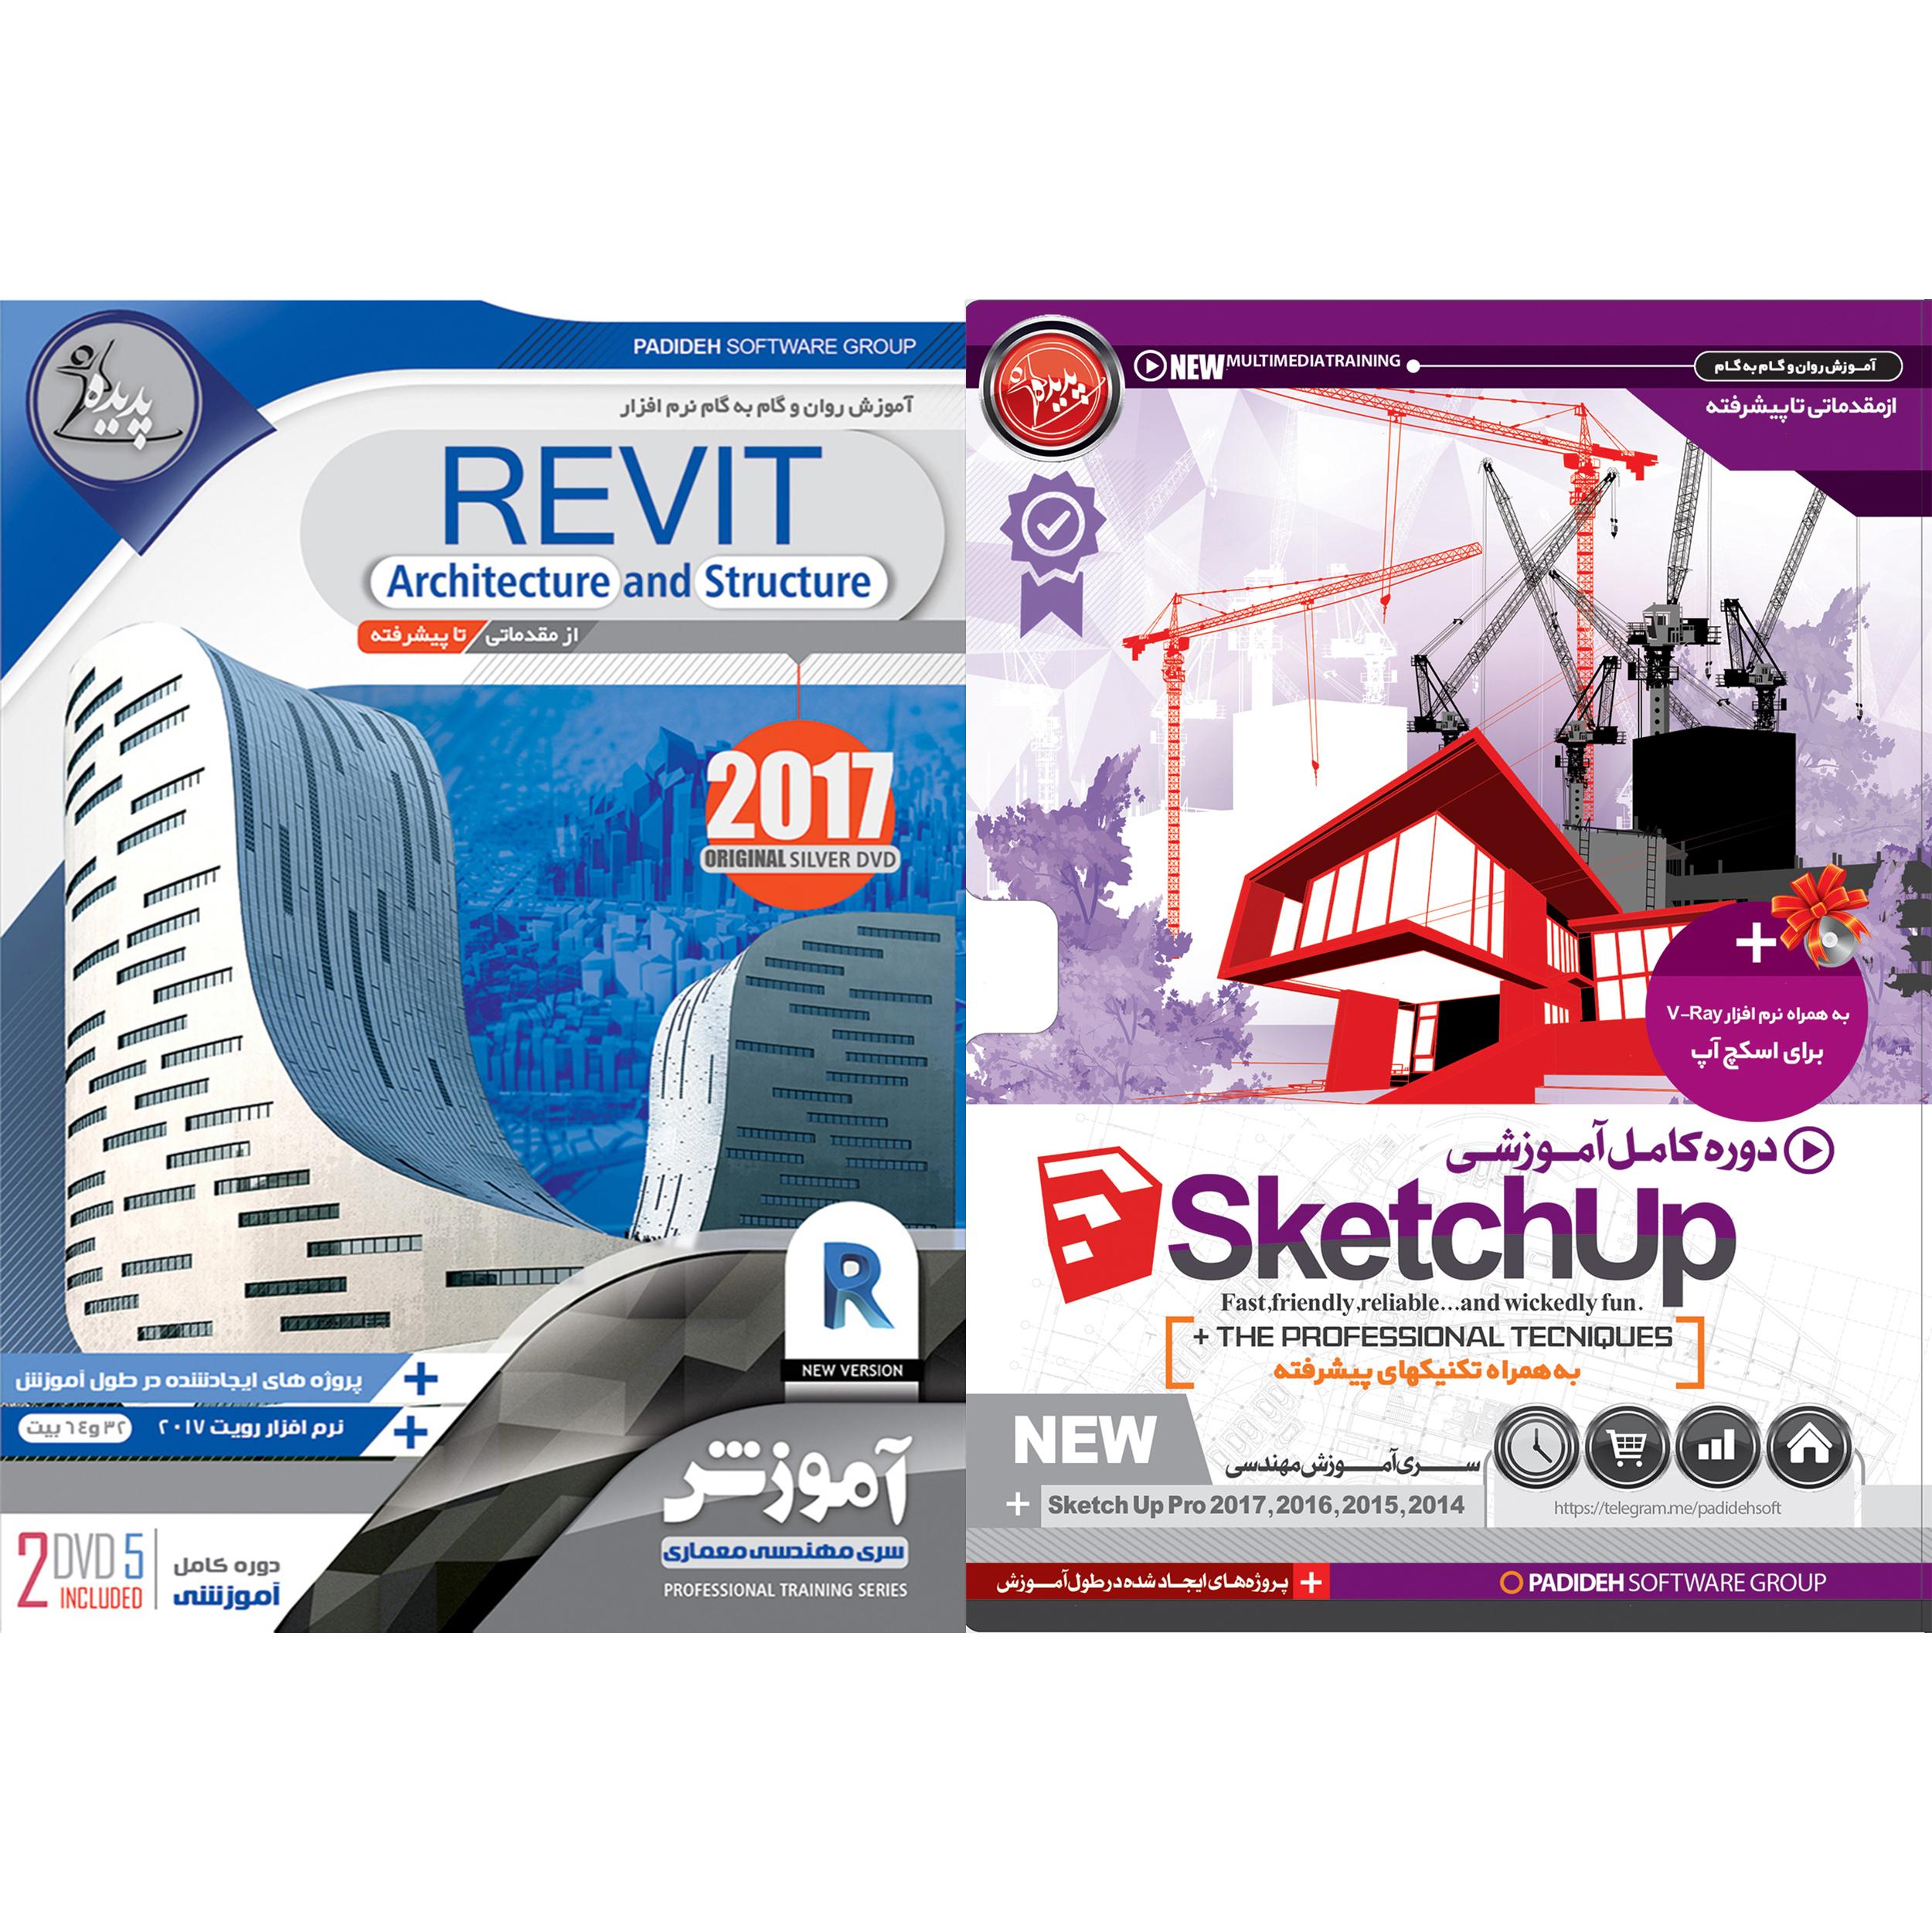 نرم افزار آموزش SketchUP نشر پدیده به همراه نرم افزار آموزش REVIT نشر پدیده